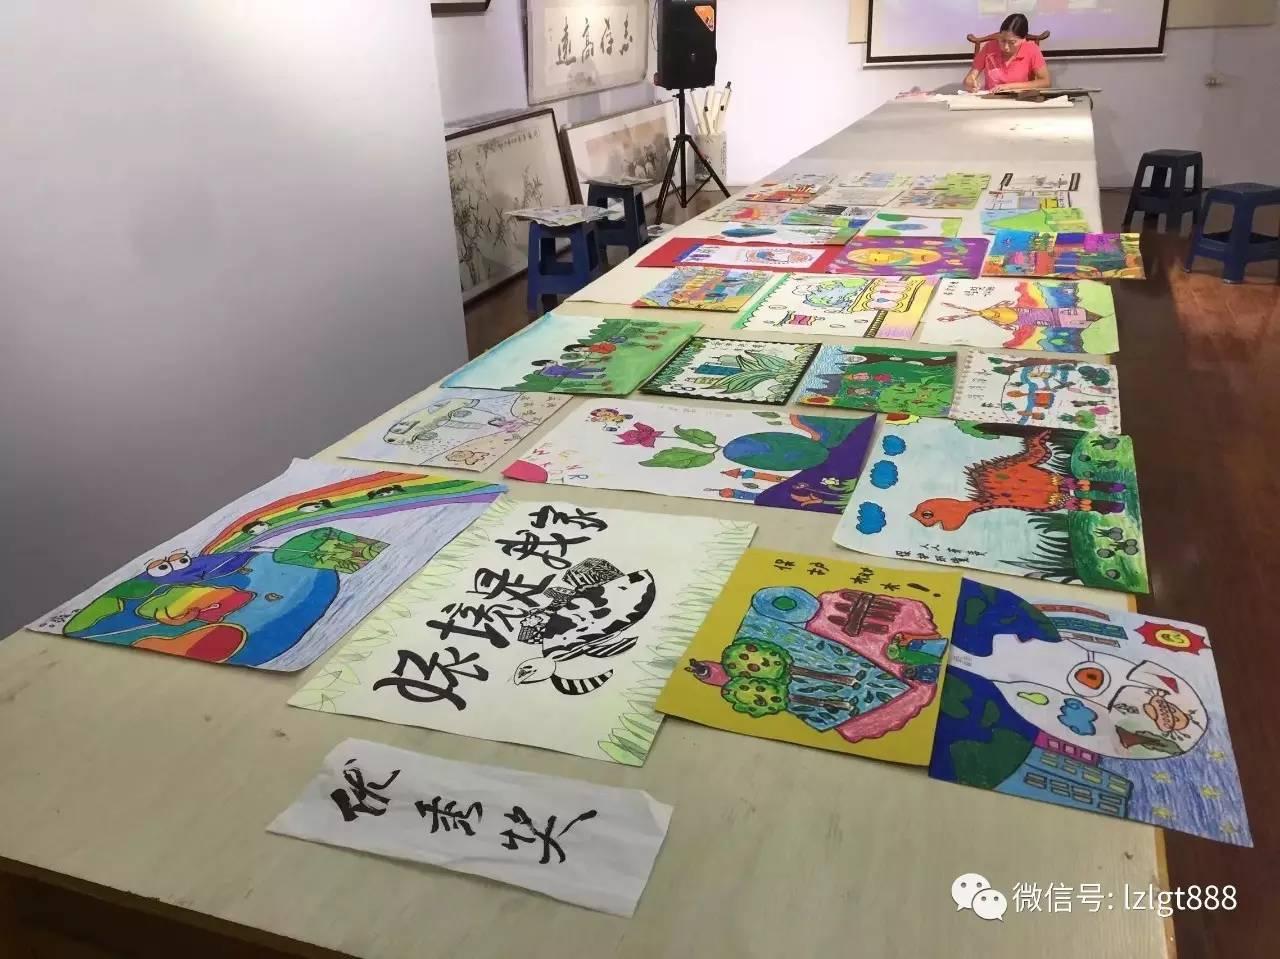 林州市首届少儿手工制作及环保绘画比赛初评现场剪影